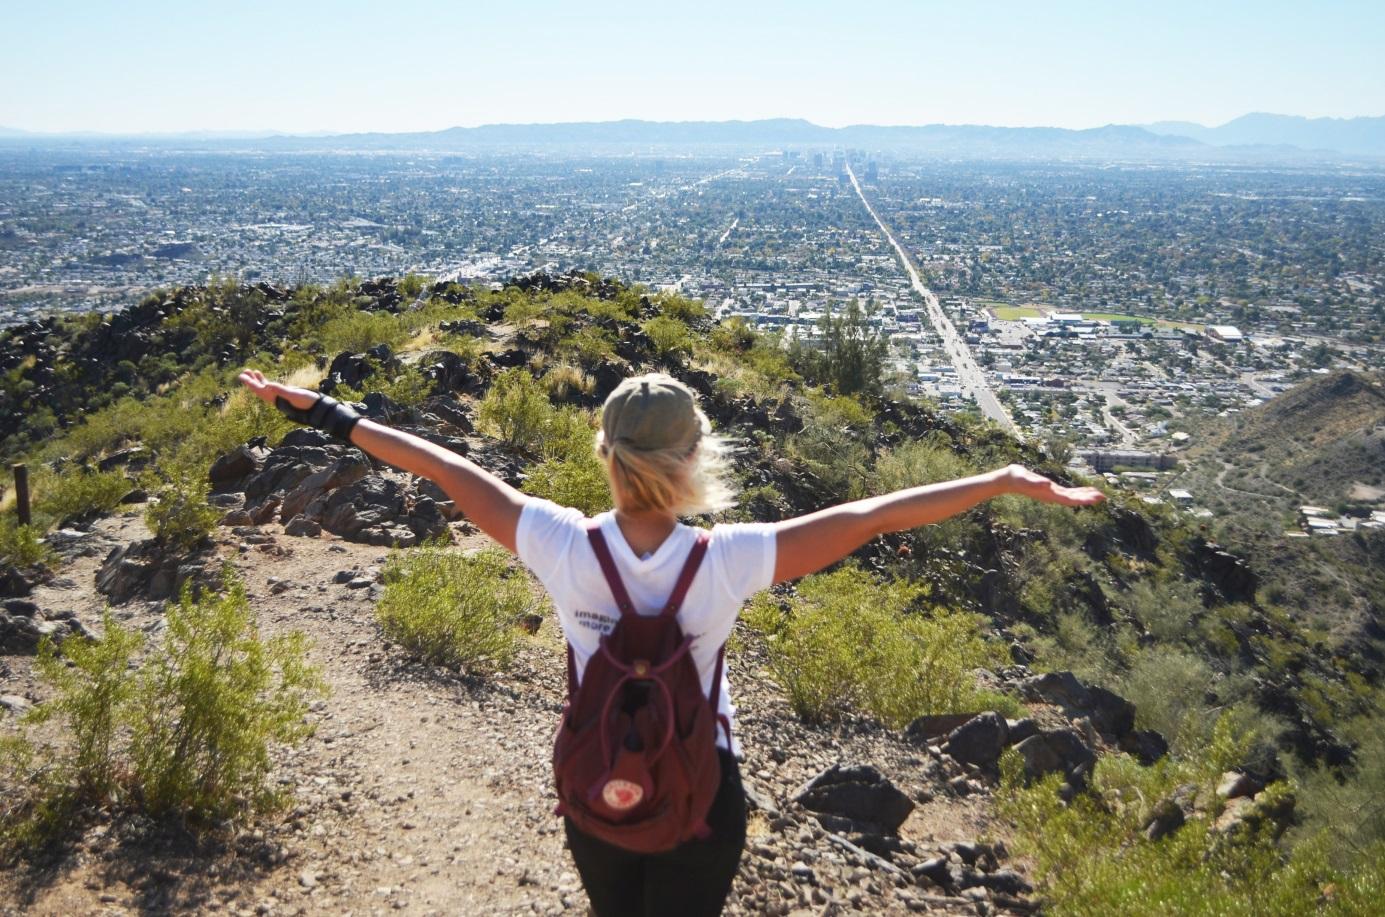 Utvekslingsstudent nyter utsikten over en dal i USA